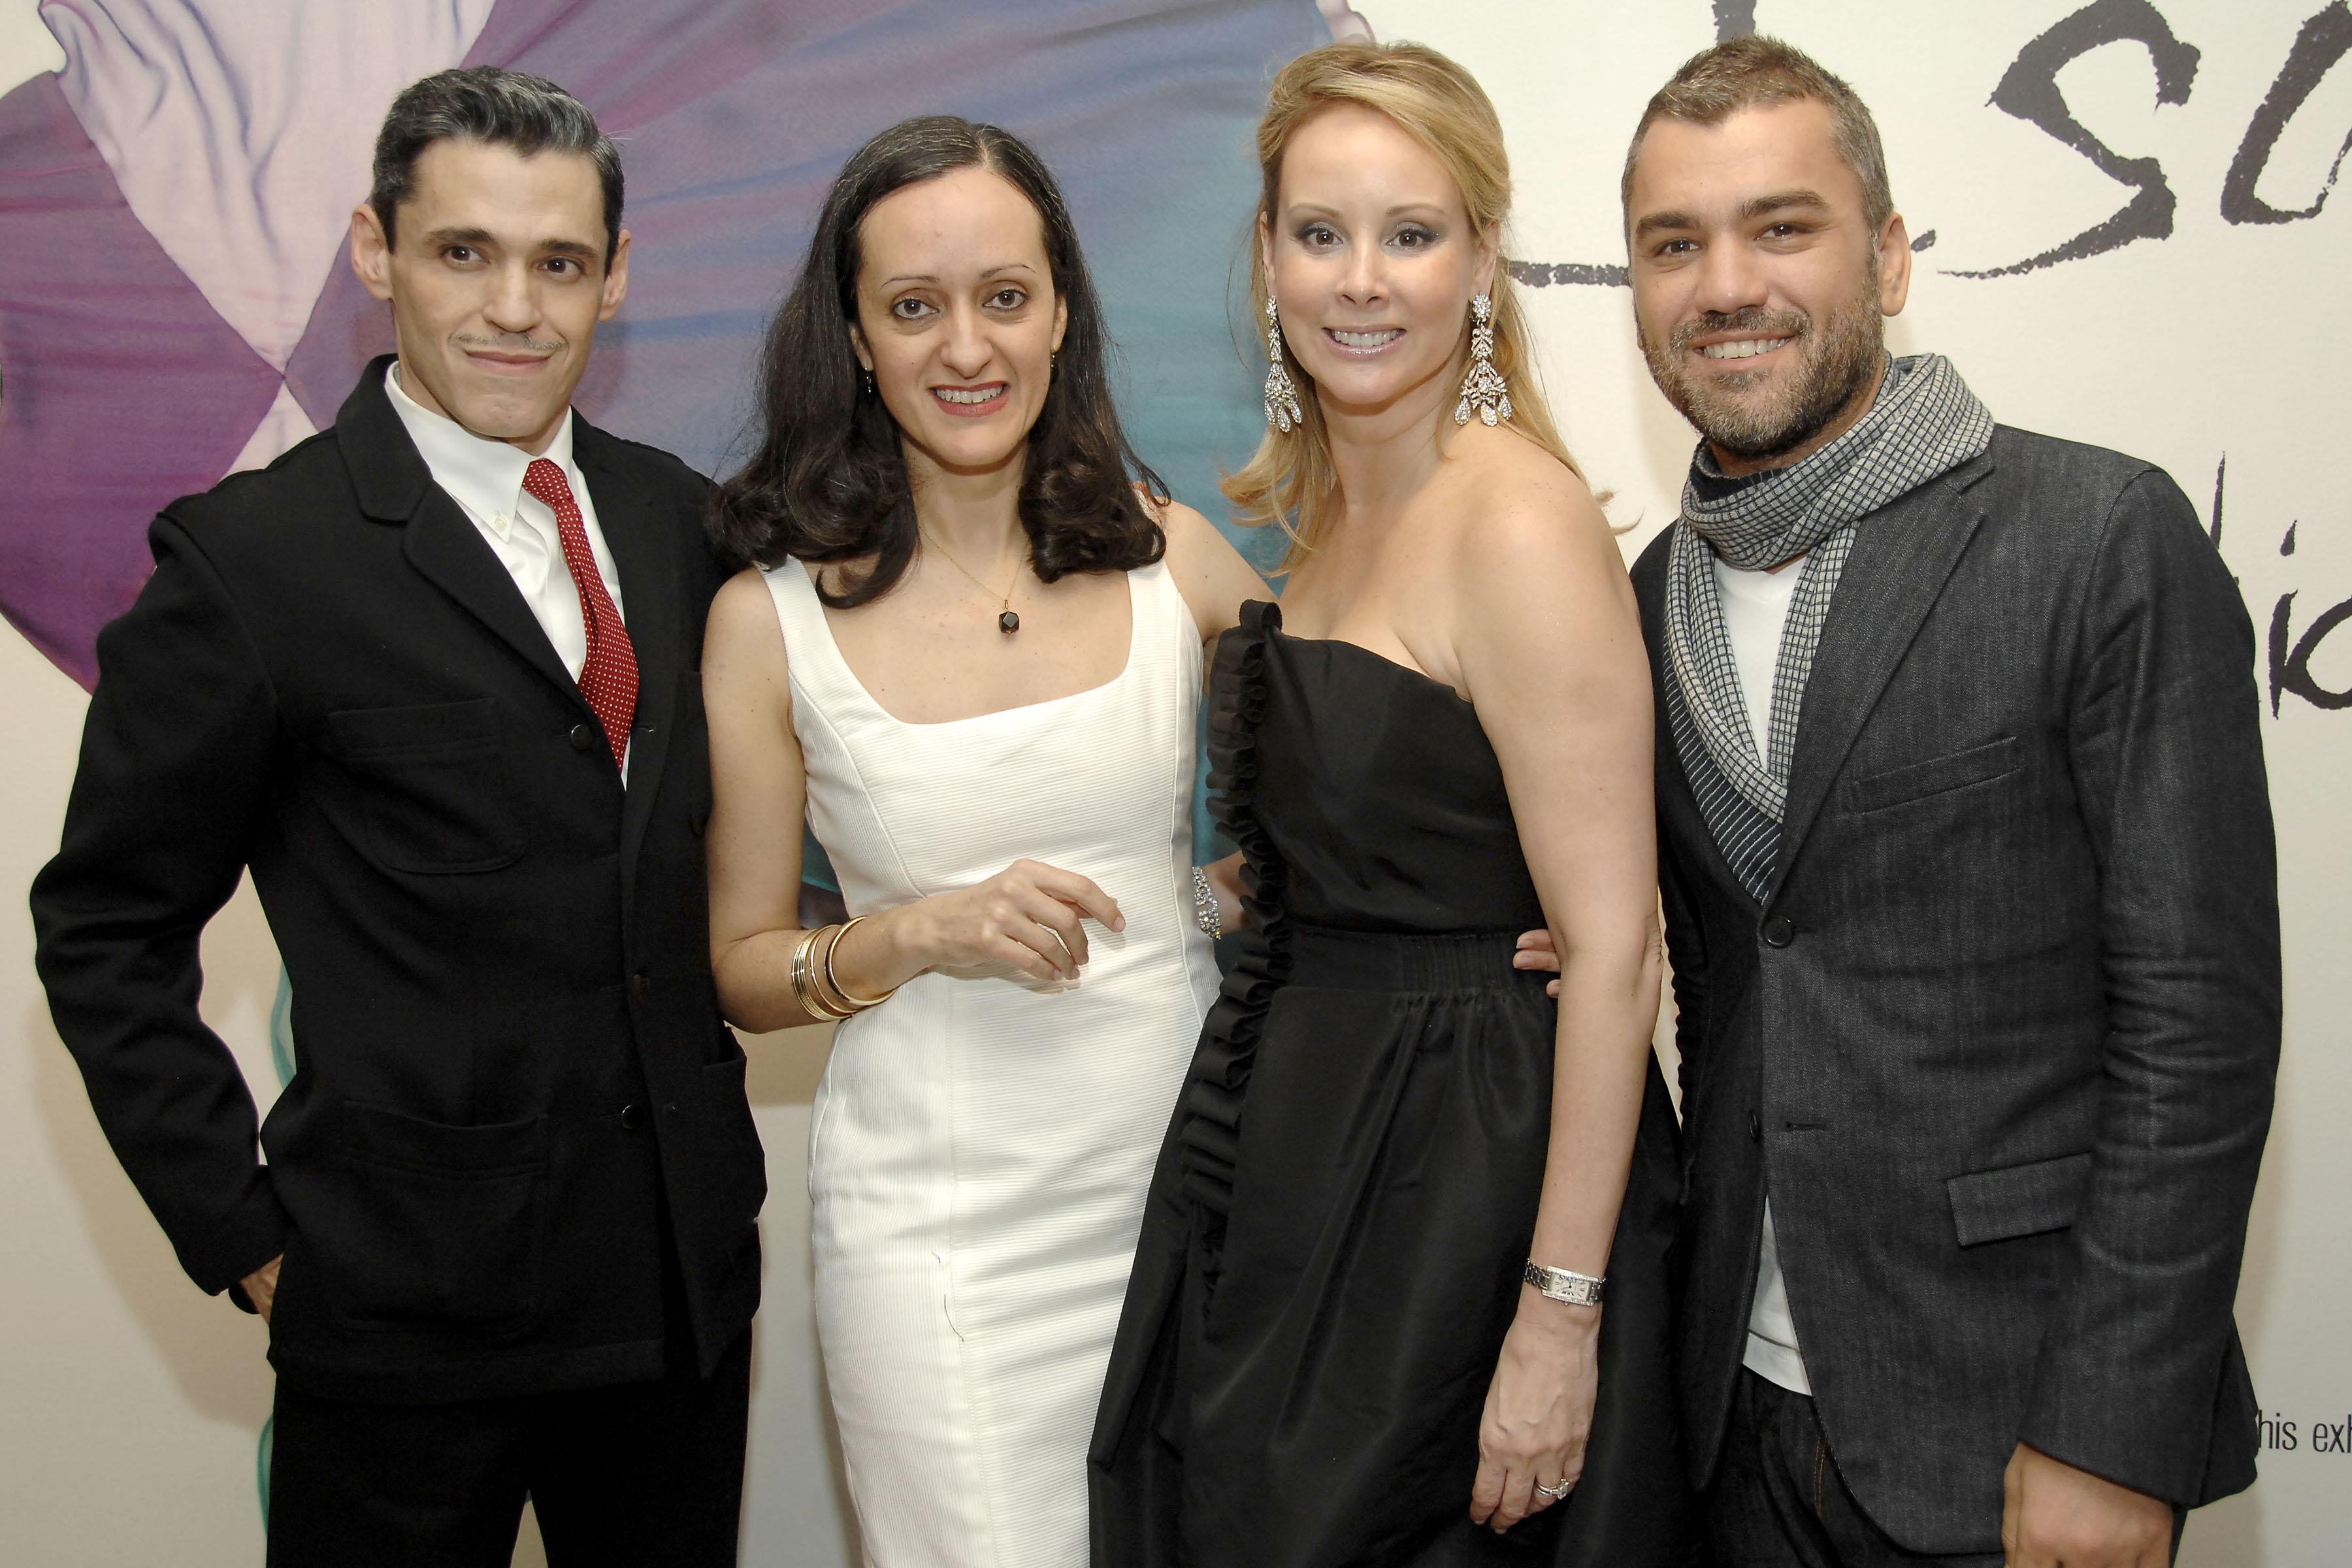 Ruben e Isabel Toledo junto a los puertorriqueños Yaz Hernández, benefactora de las artes y coleccionista de alta moda, que también reside en Nueva York y Edmundo Castillo, diseñador de zapatos. (Foto Patrick McMullan/Ben Gabbe)